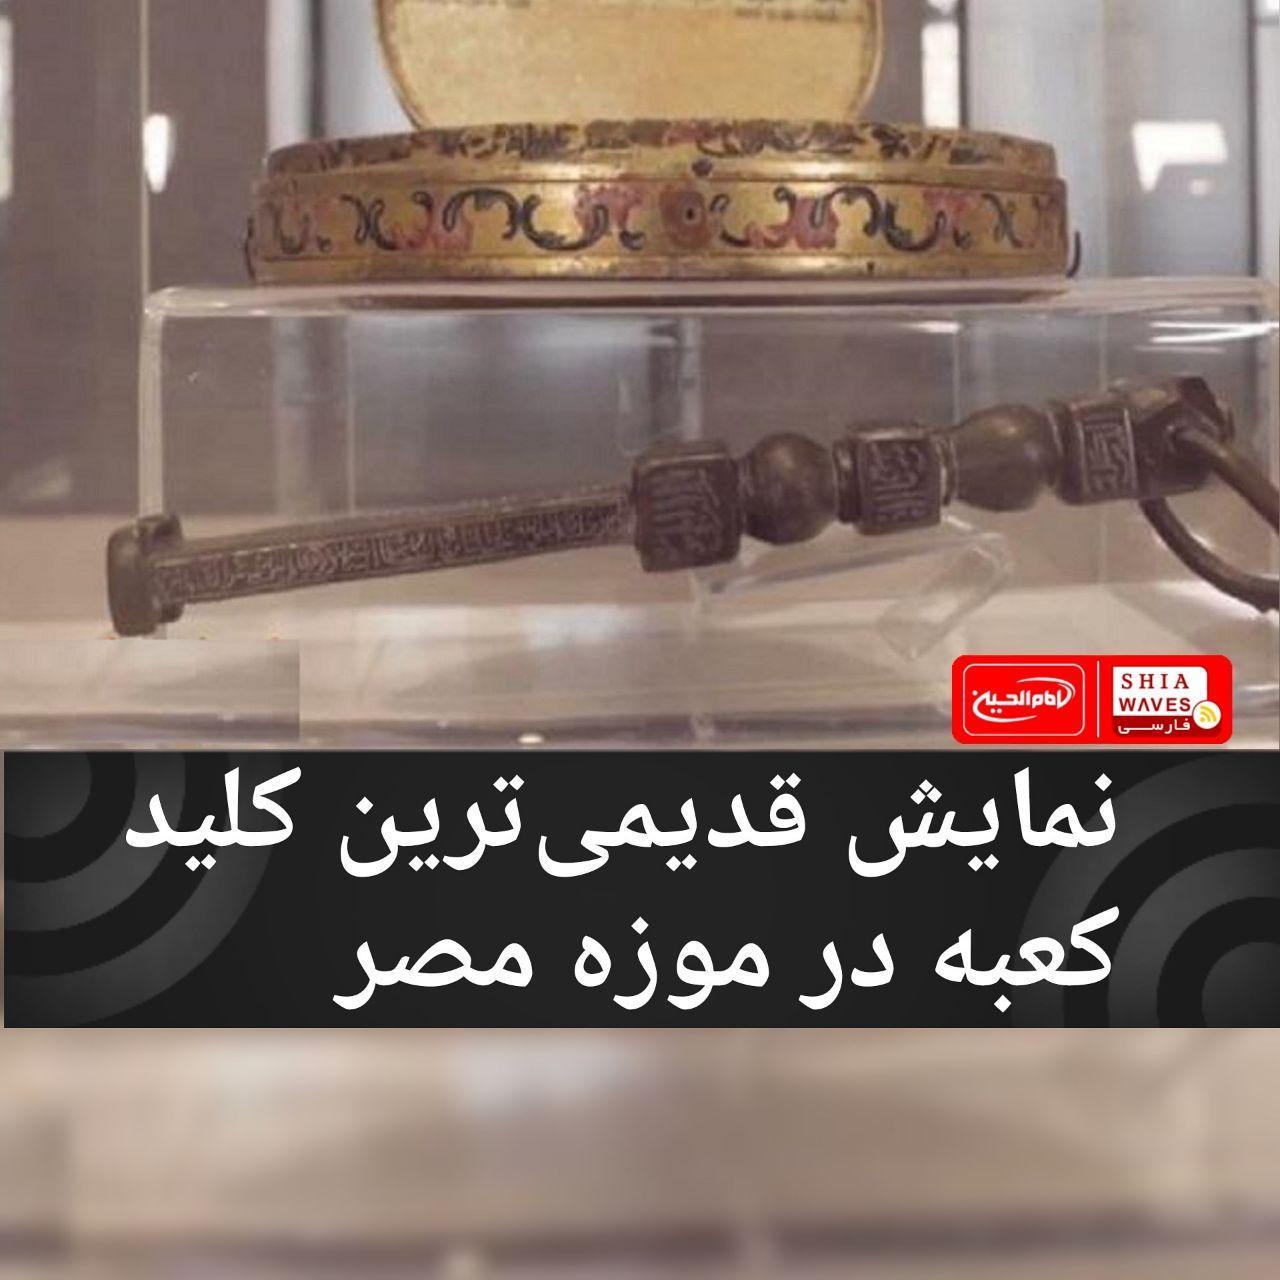 تصویر نمایش قدیمیترین کلید کعبه در موزه مصر